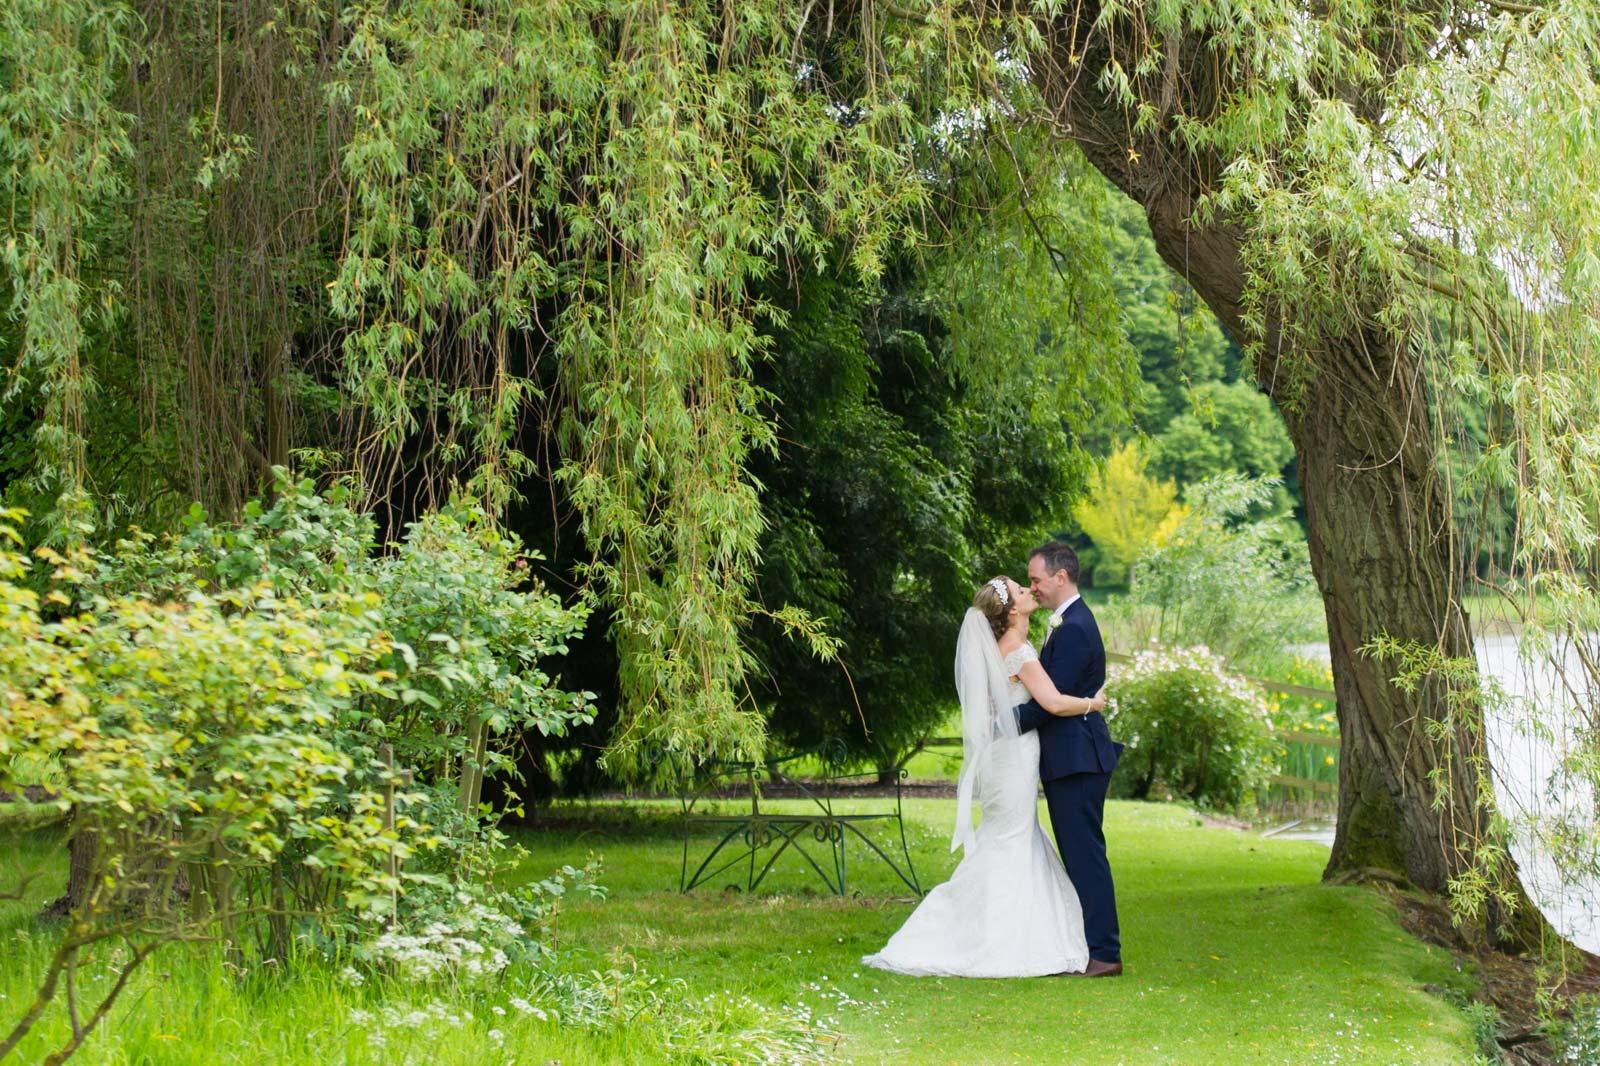 Breathtaking Wedding Venue